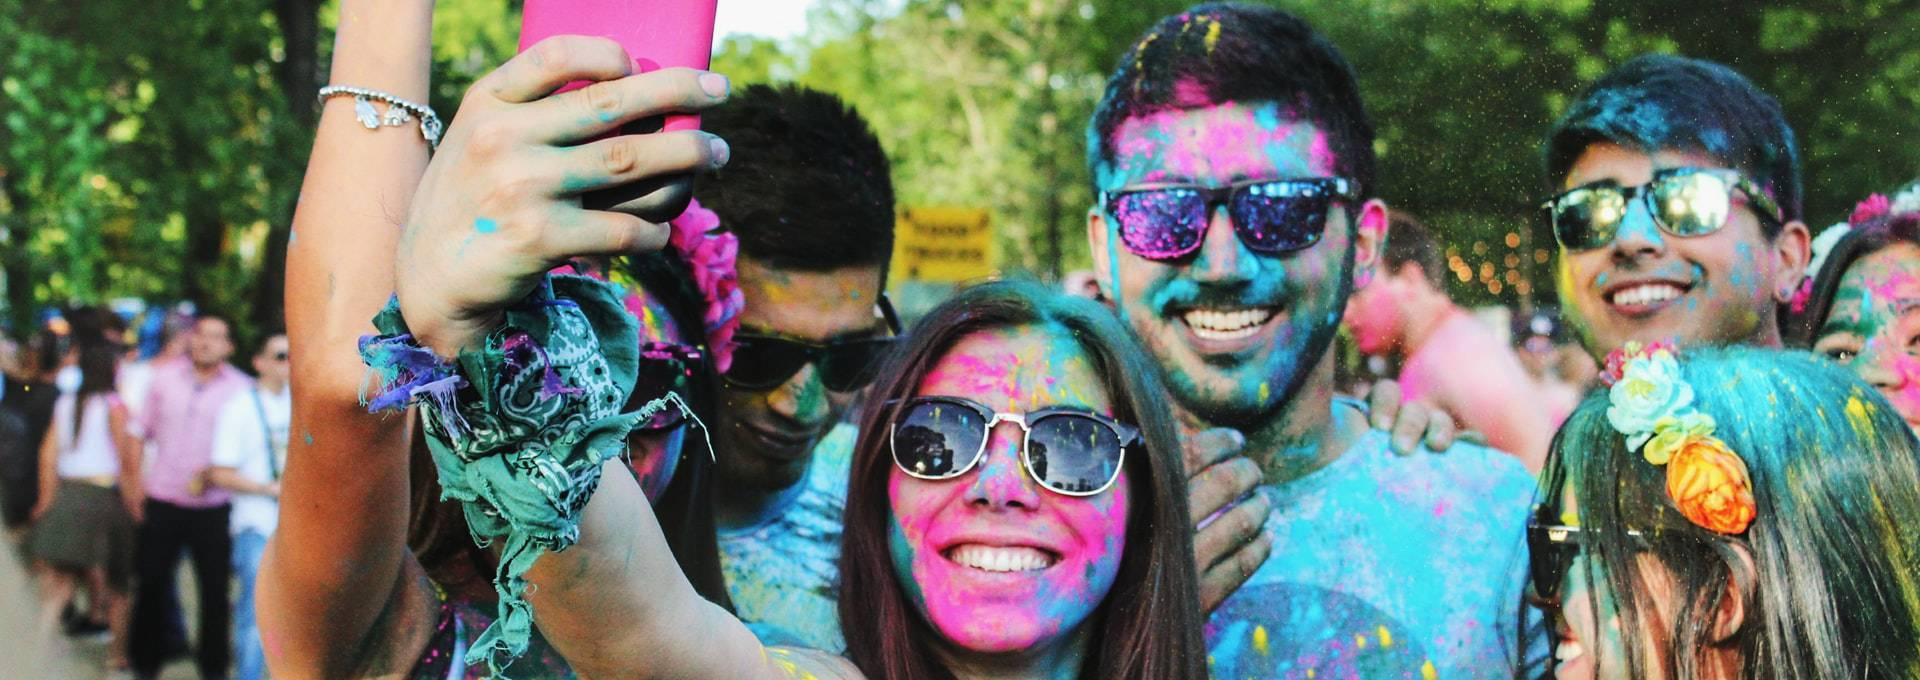 Im Gegensatz zu Gruppen-Selfies können Slofies besondere Momente in einem Bewegtbild festhalten.